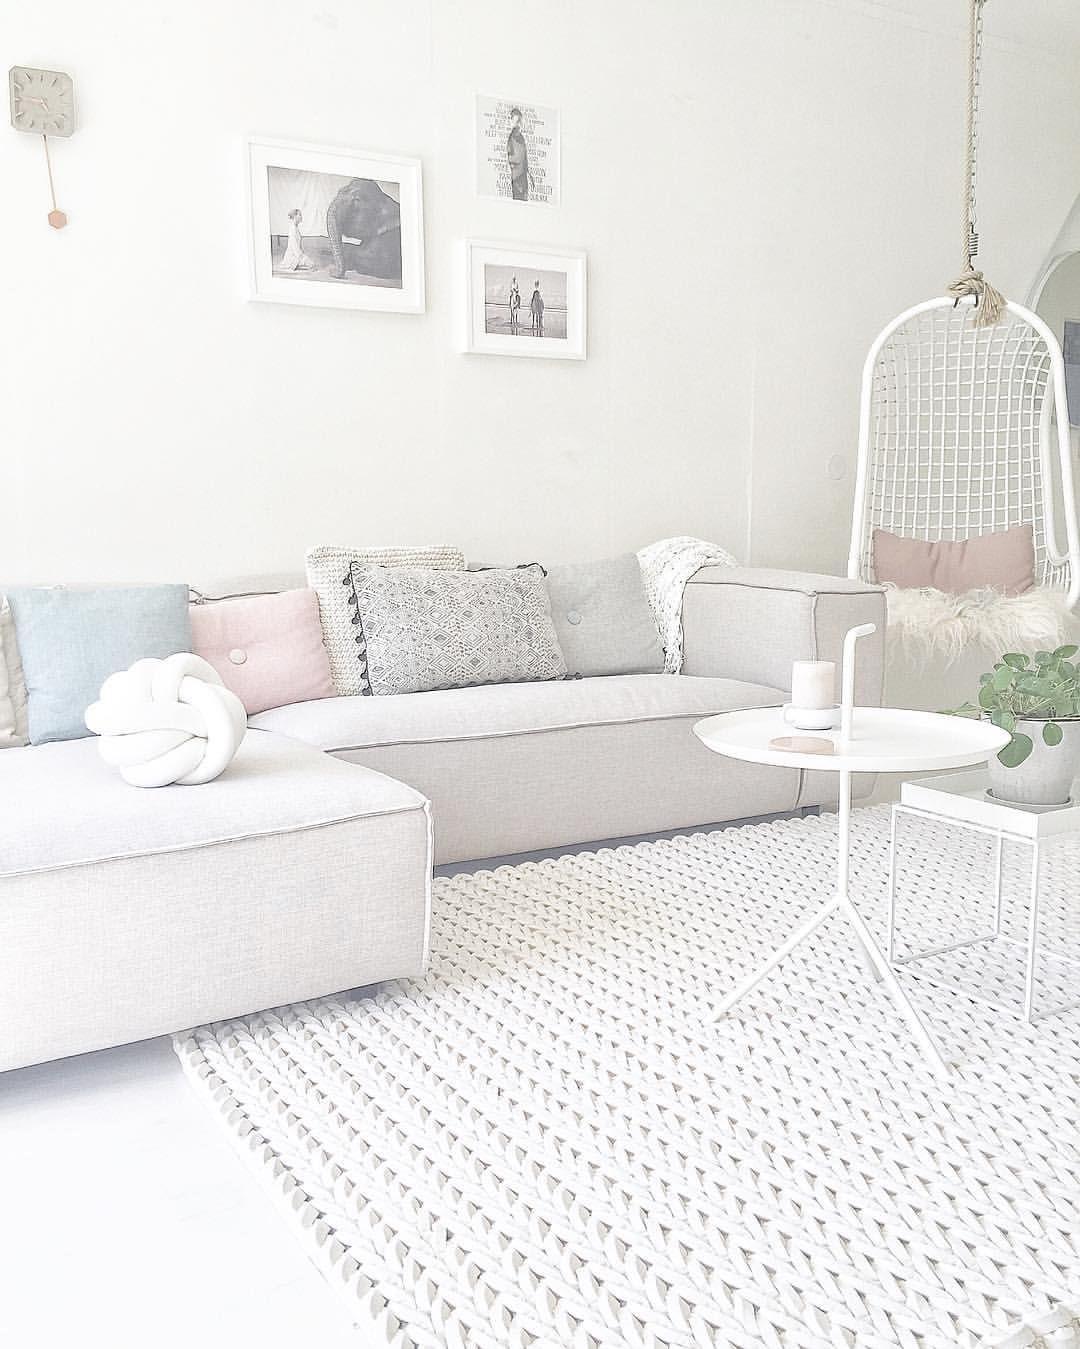 Idee ipv een \'gewone\' fauteuil: een hangstoel. Ik ben echt mega blij ...